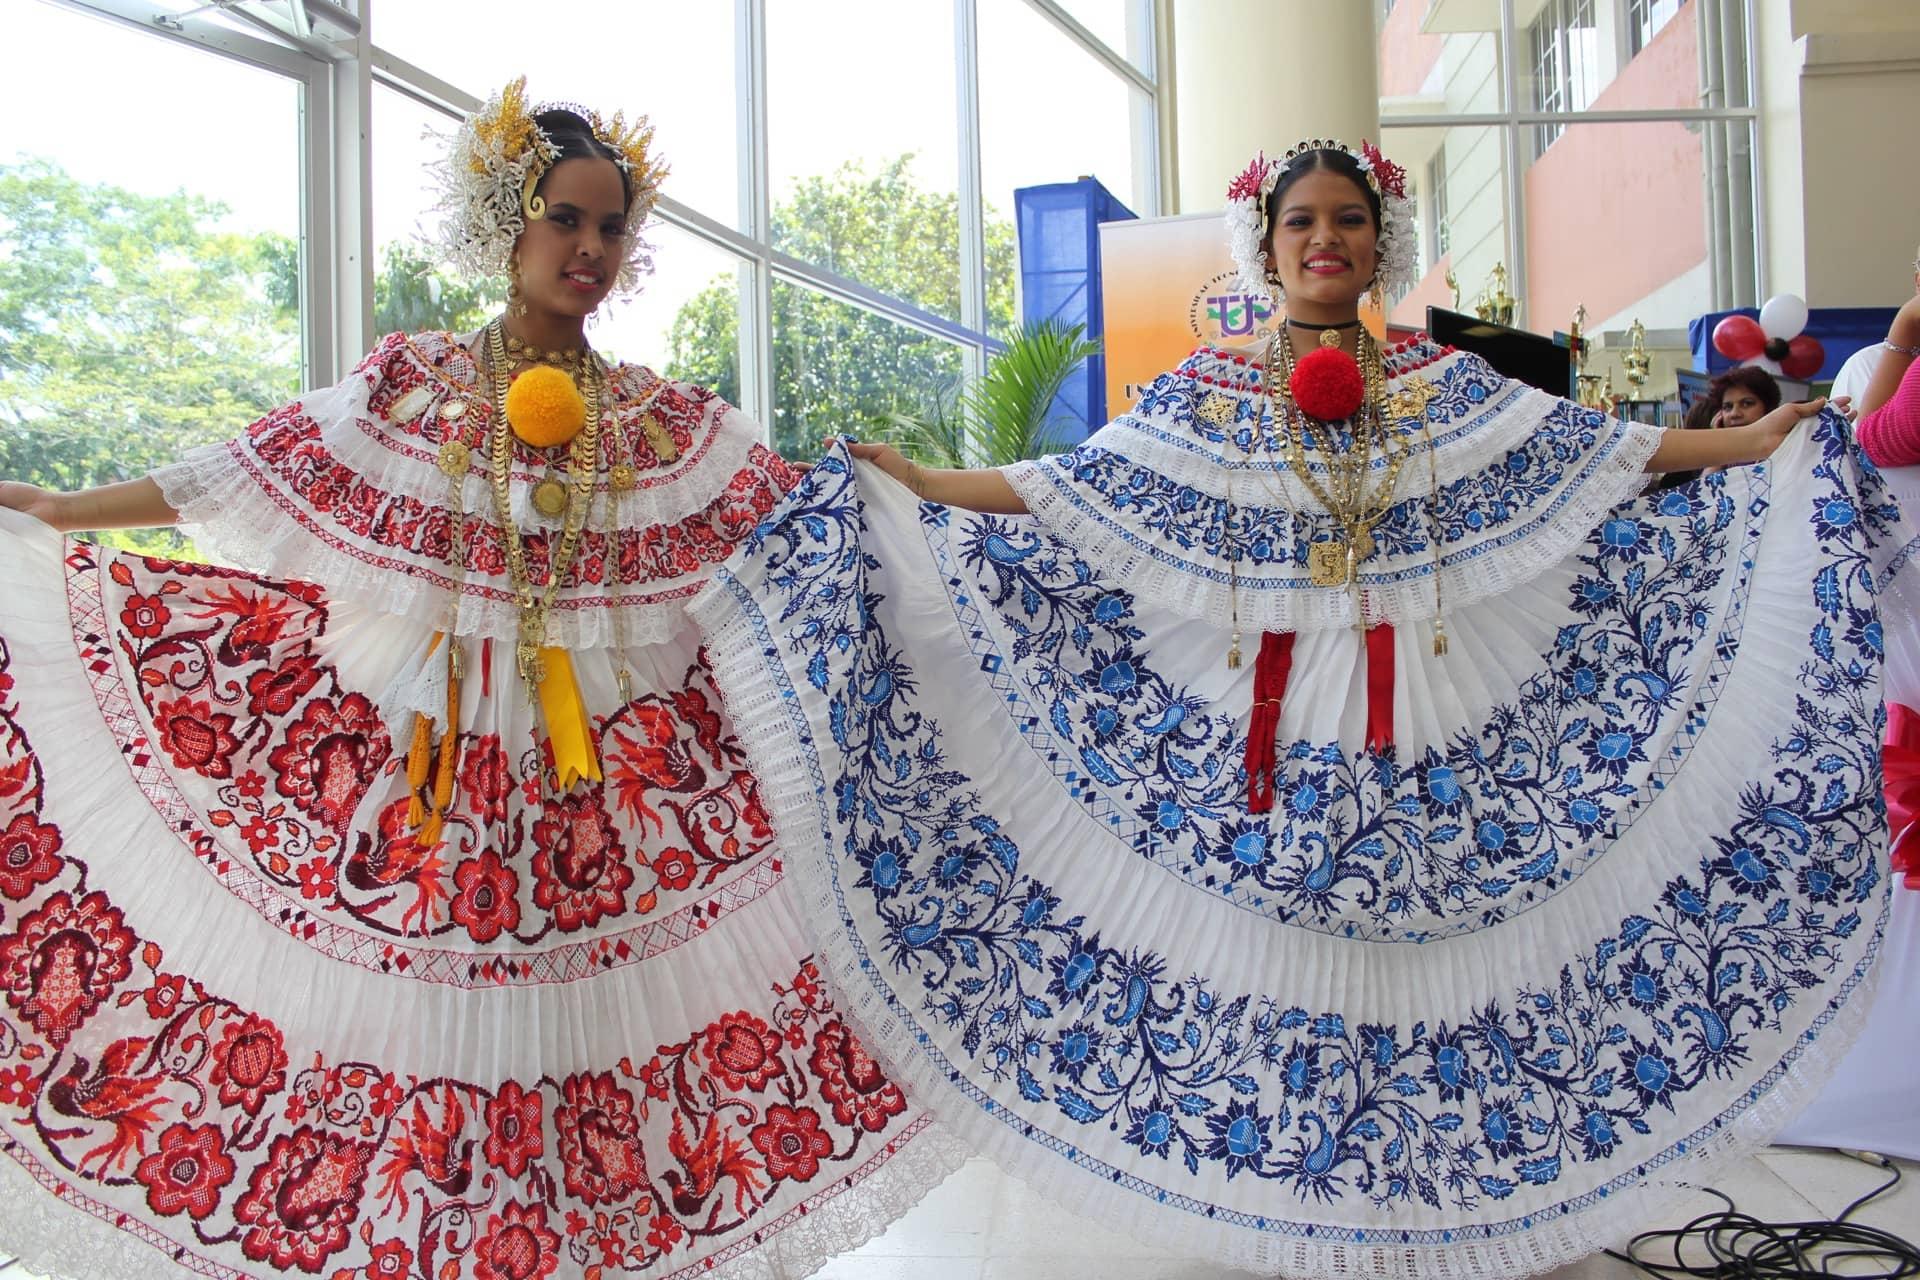 Imagem: Mulheres panamenhas exibem as polleras que fazem parte do traje nacional típico. Foto: Ayaita (Wikipedia - Creative Commons)